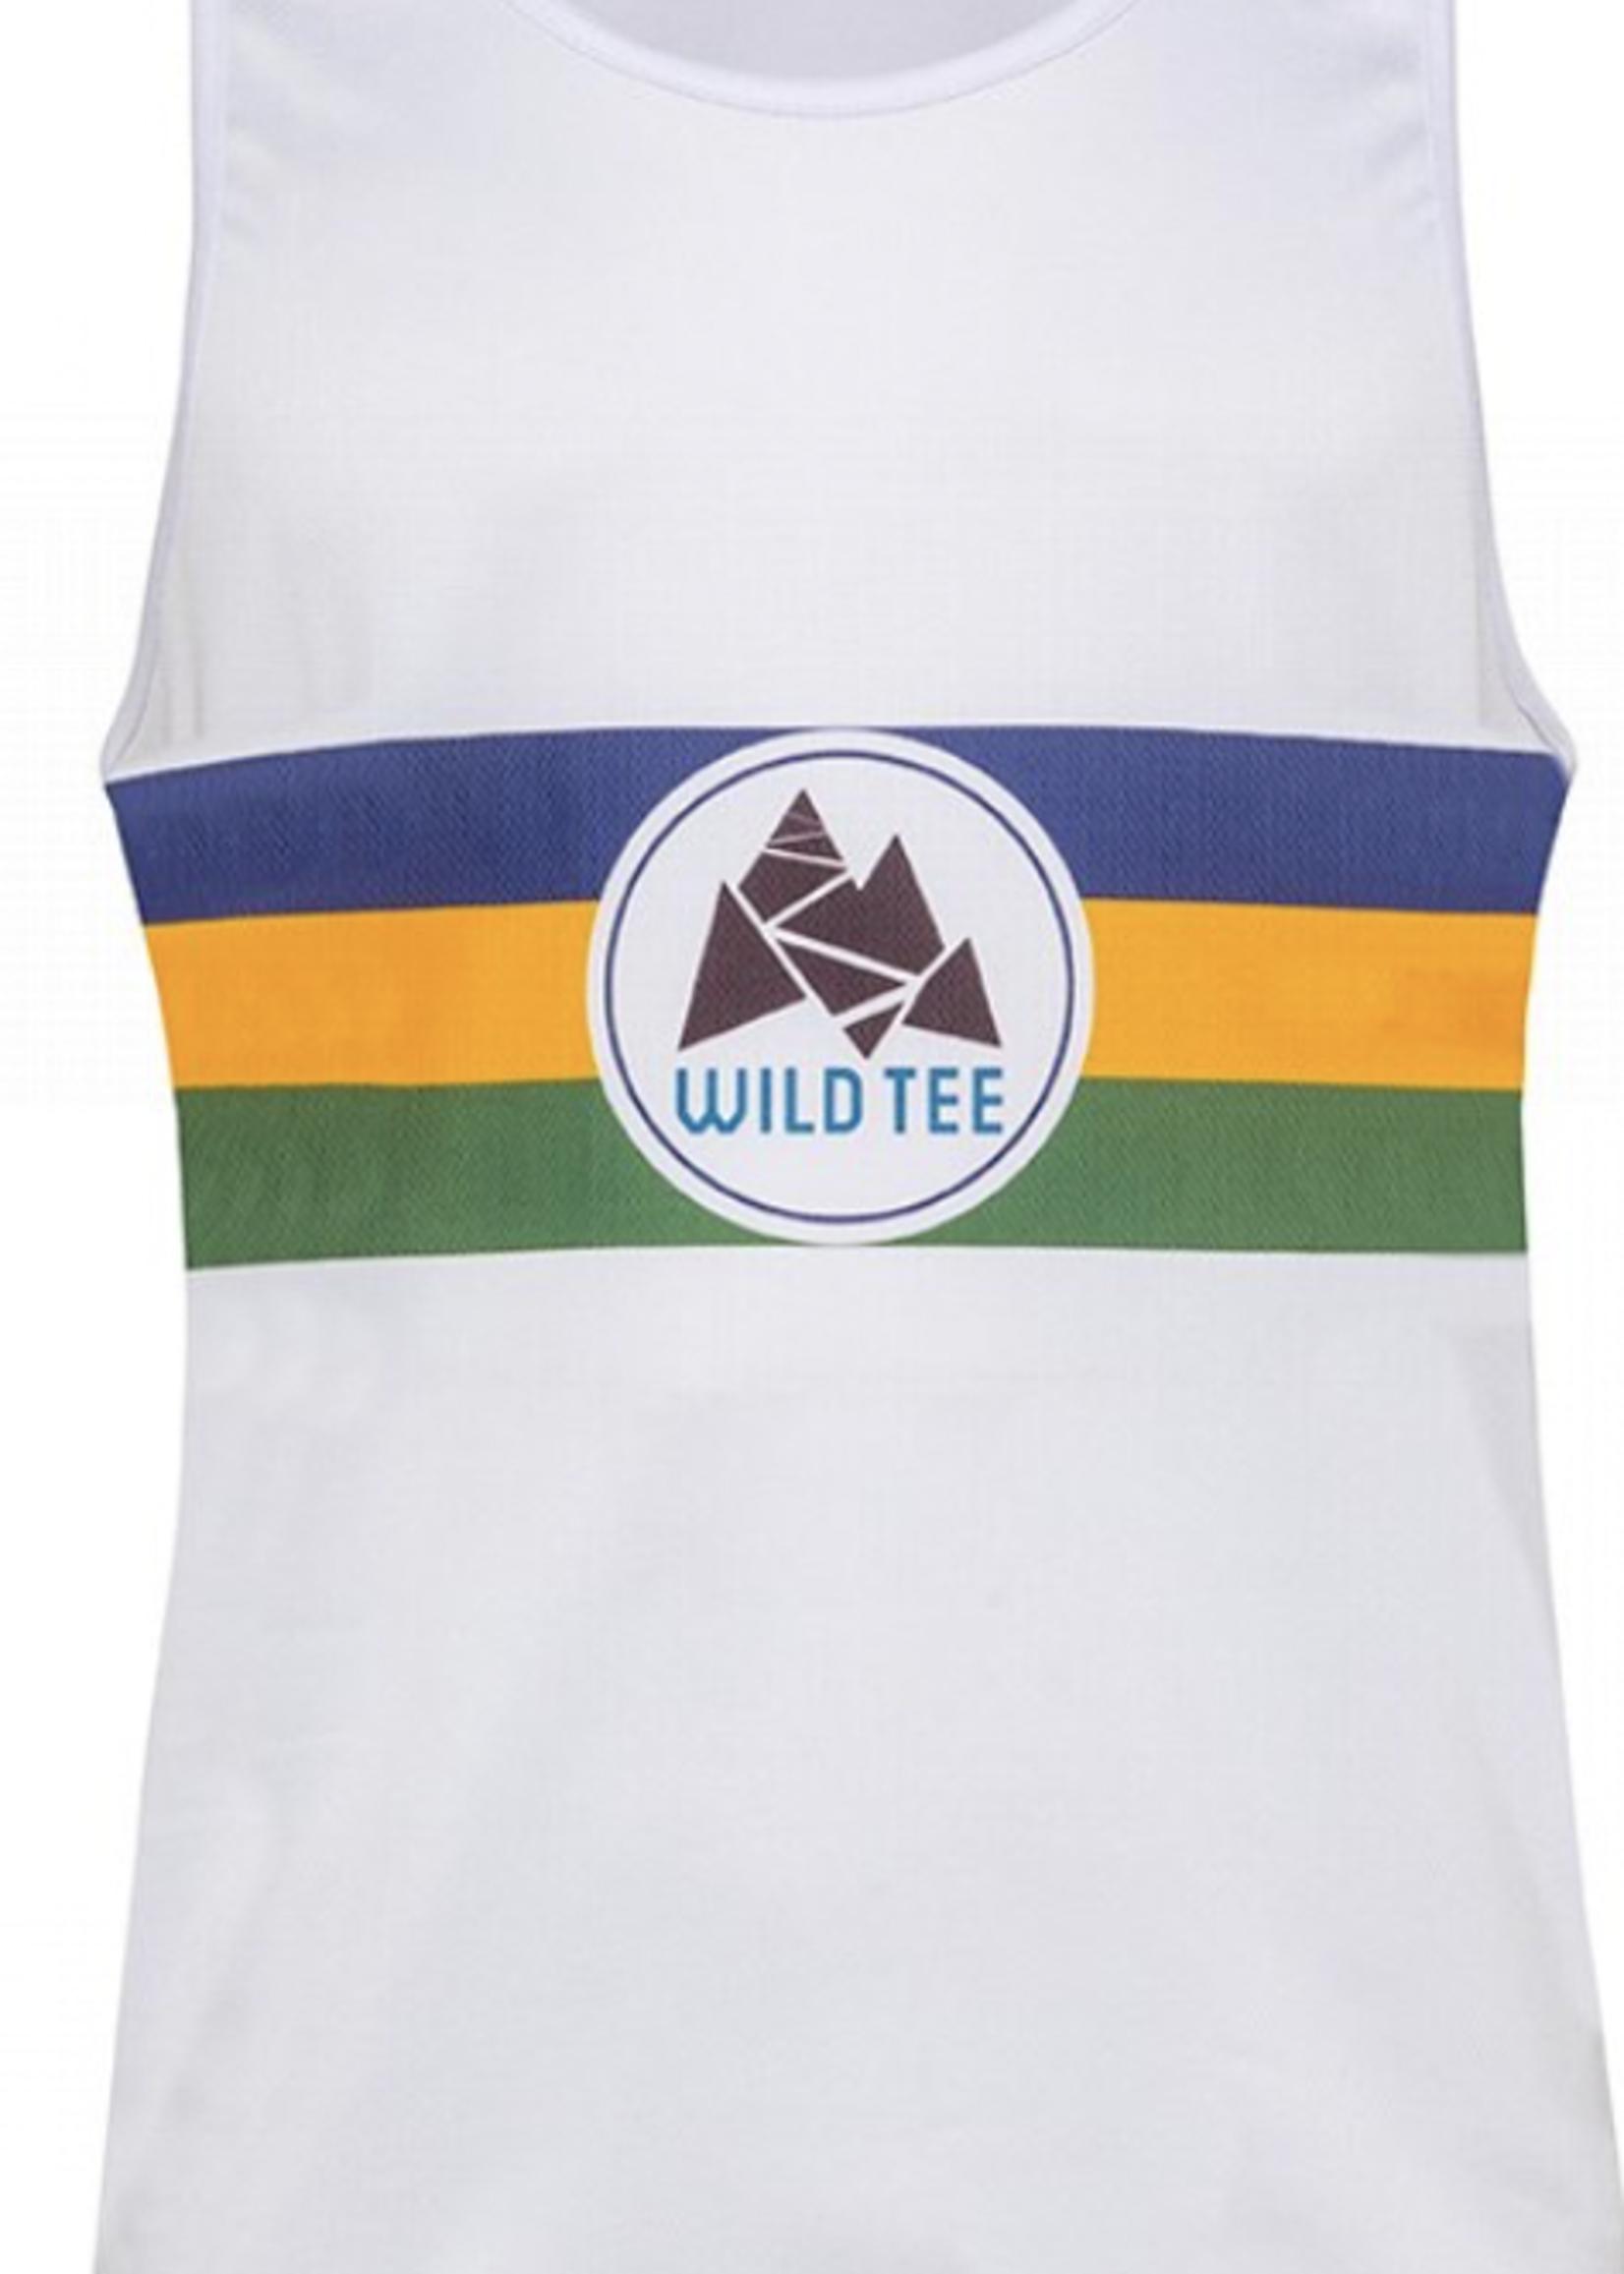 WildTees WildTee Men's Tank